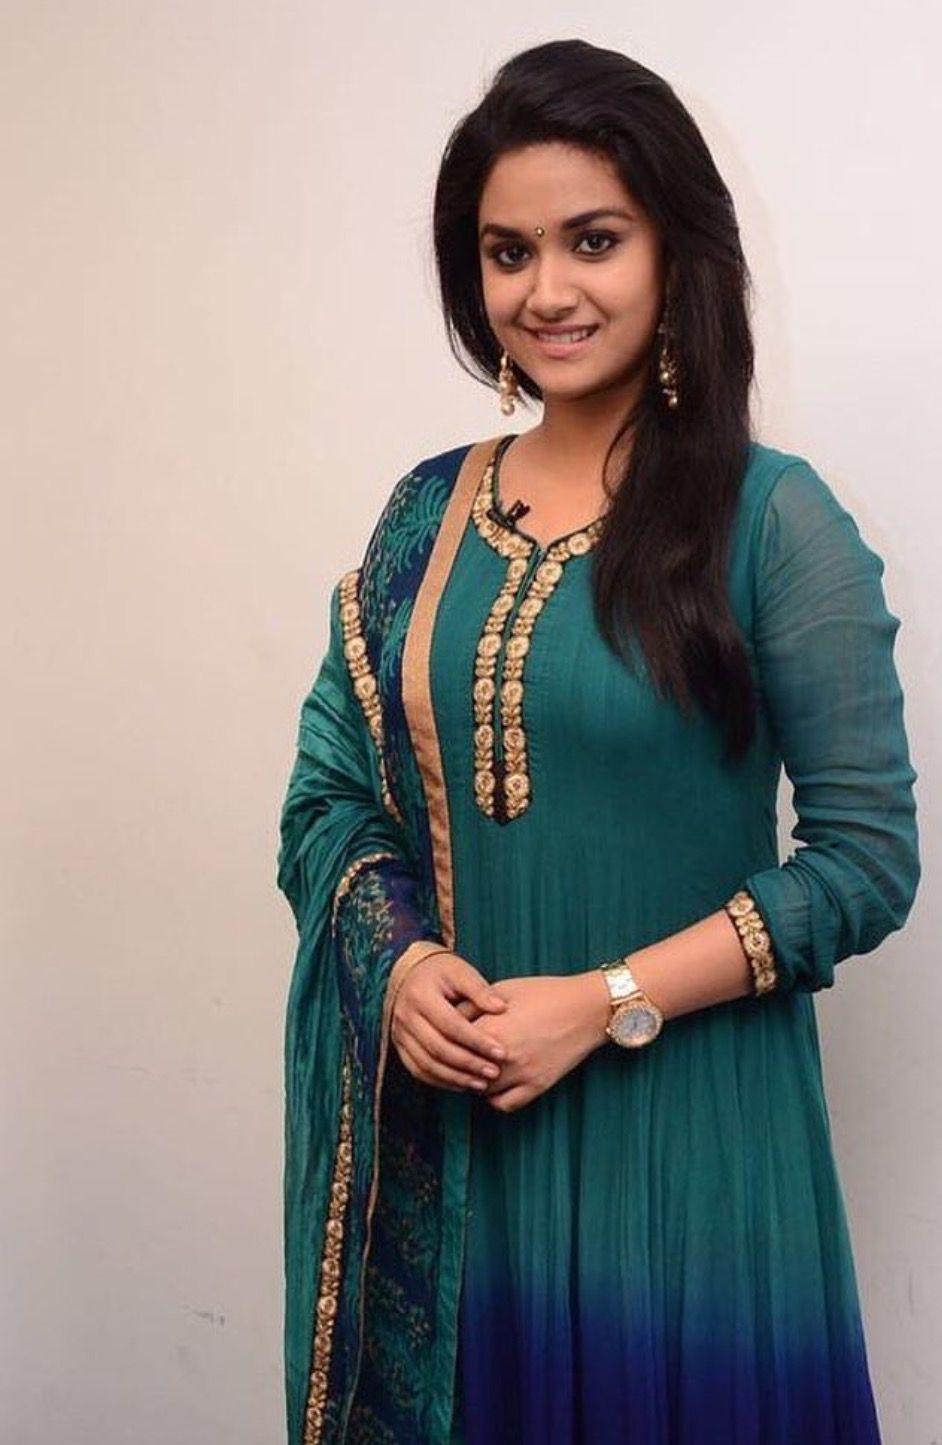 keerthy suresh angels in 2018 pinterest actresses indian